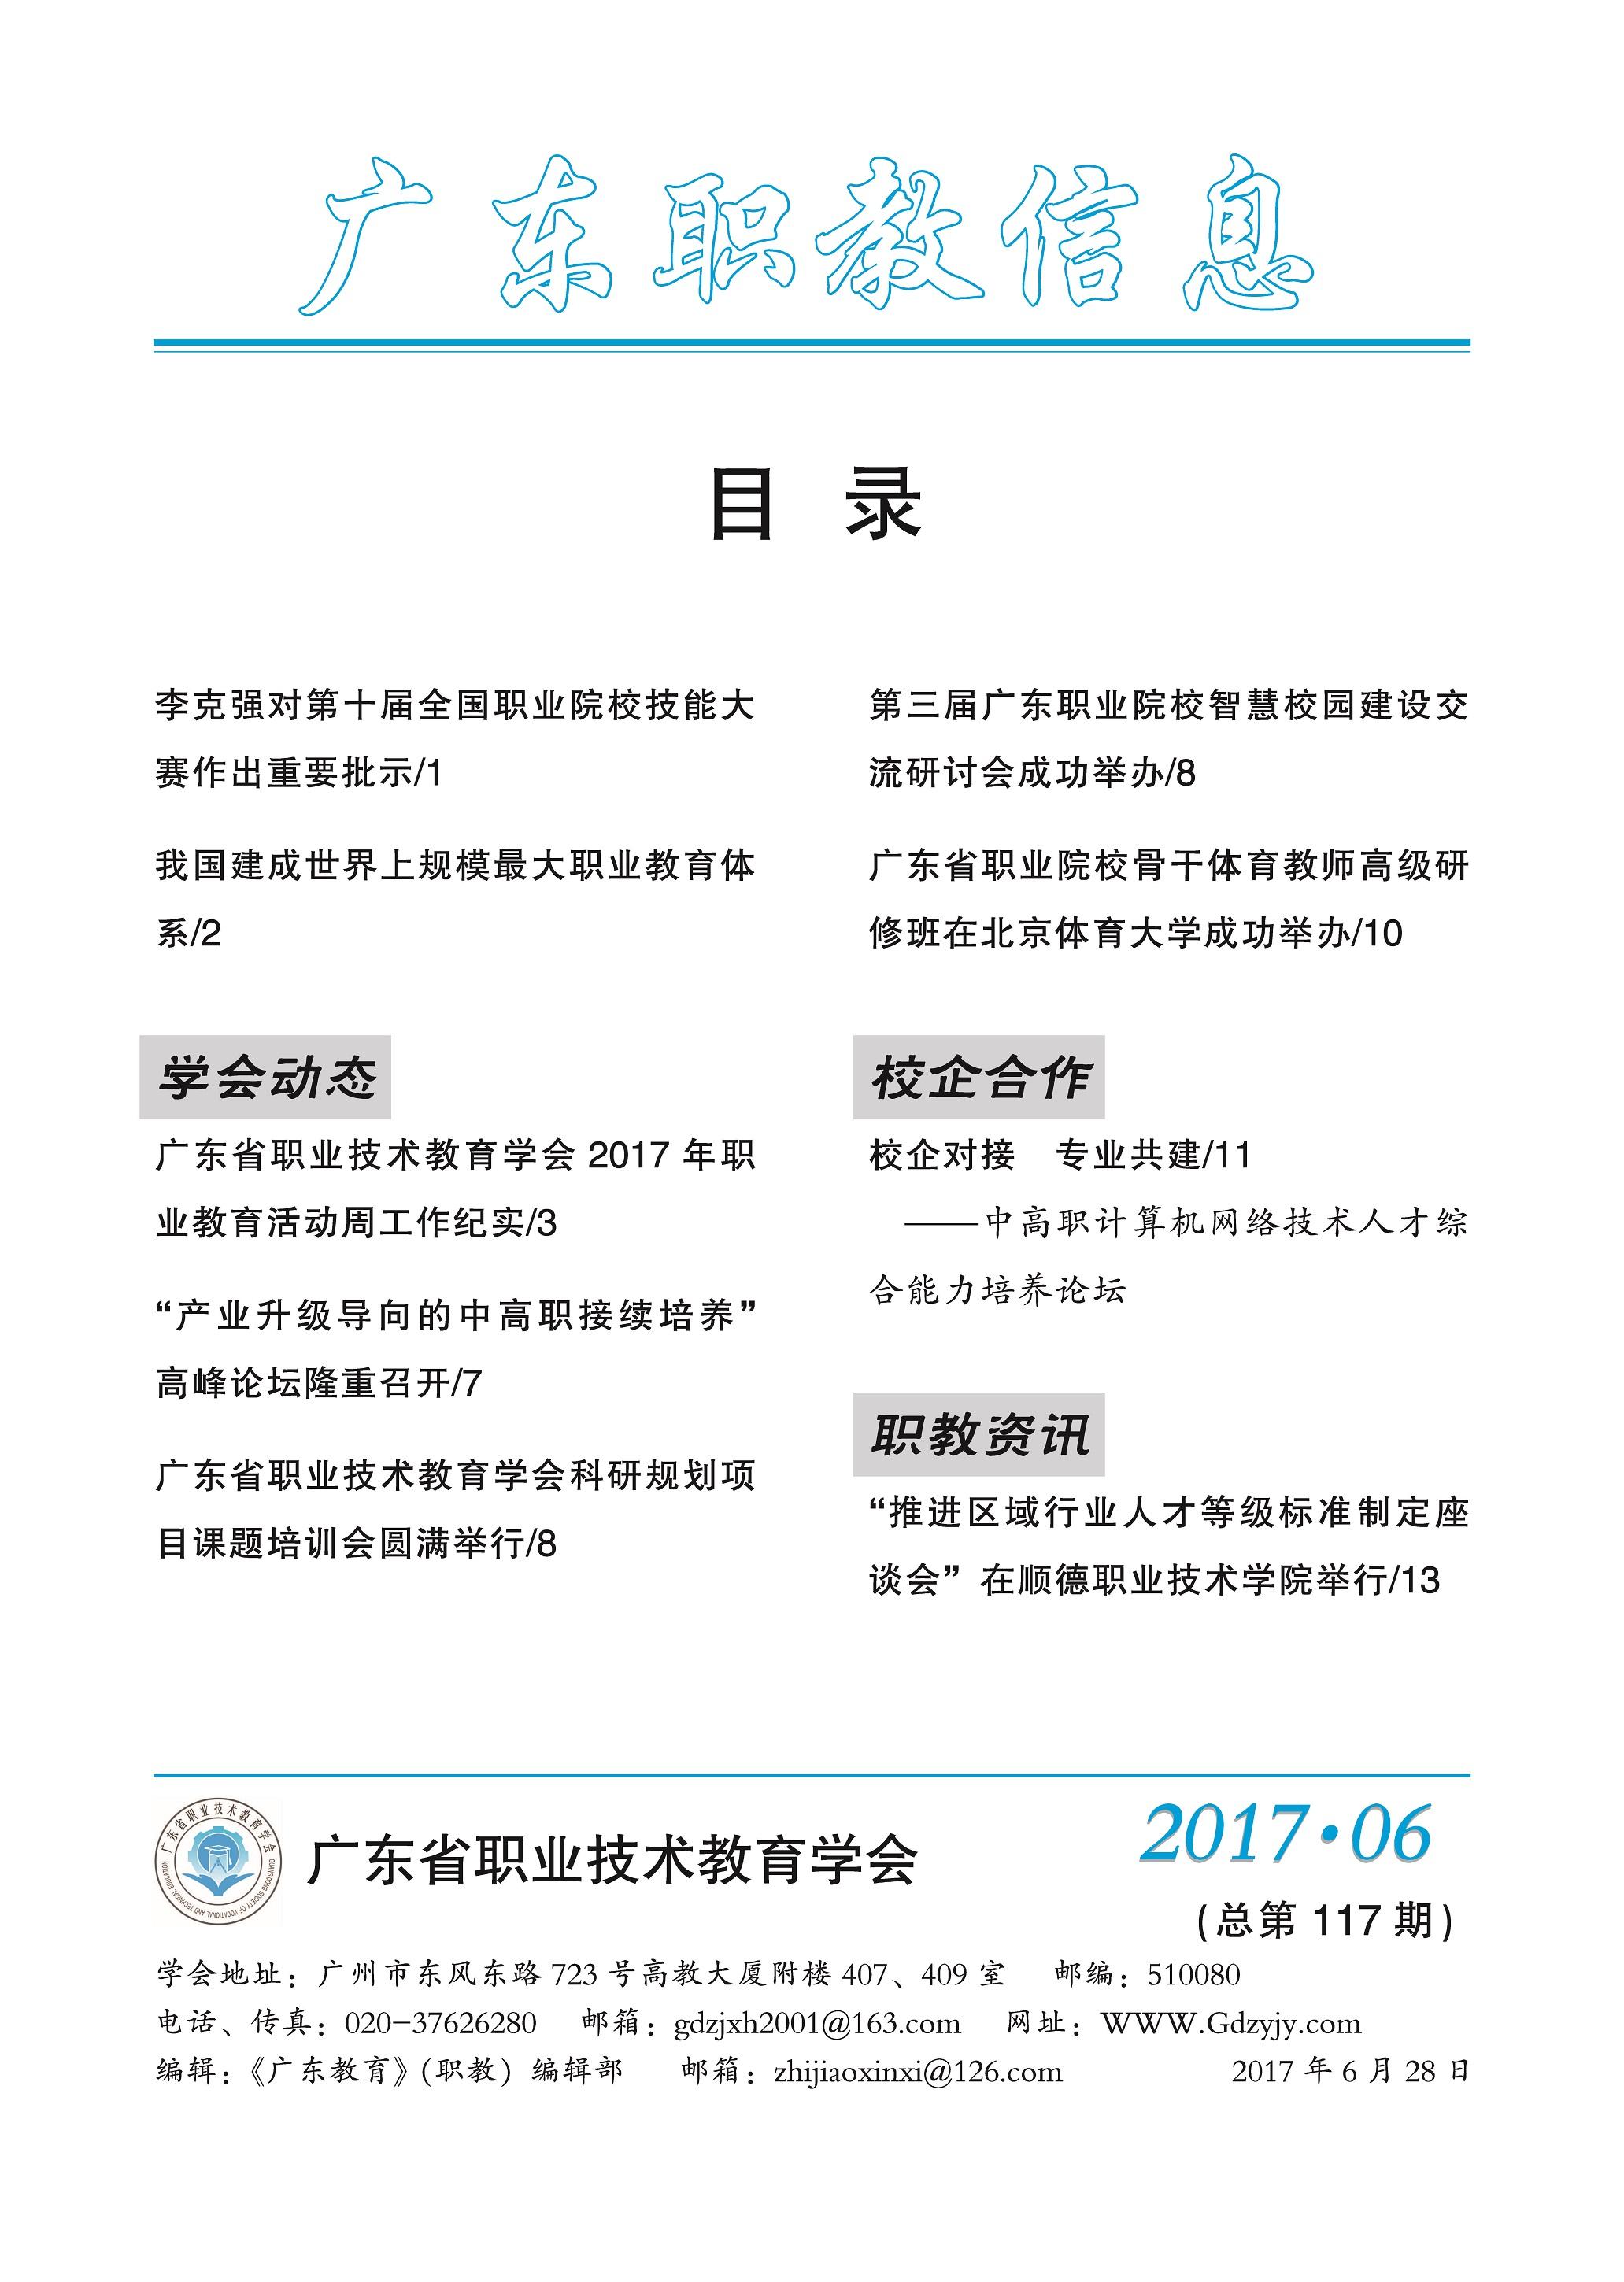 页面提取自-广东职教信息2017年第6期.jpg